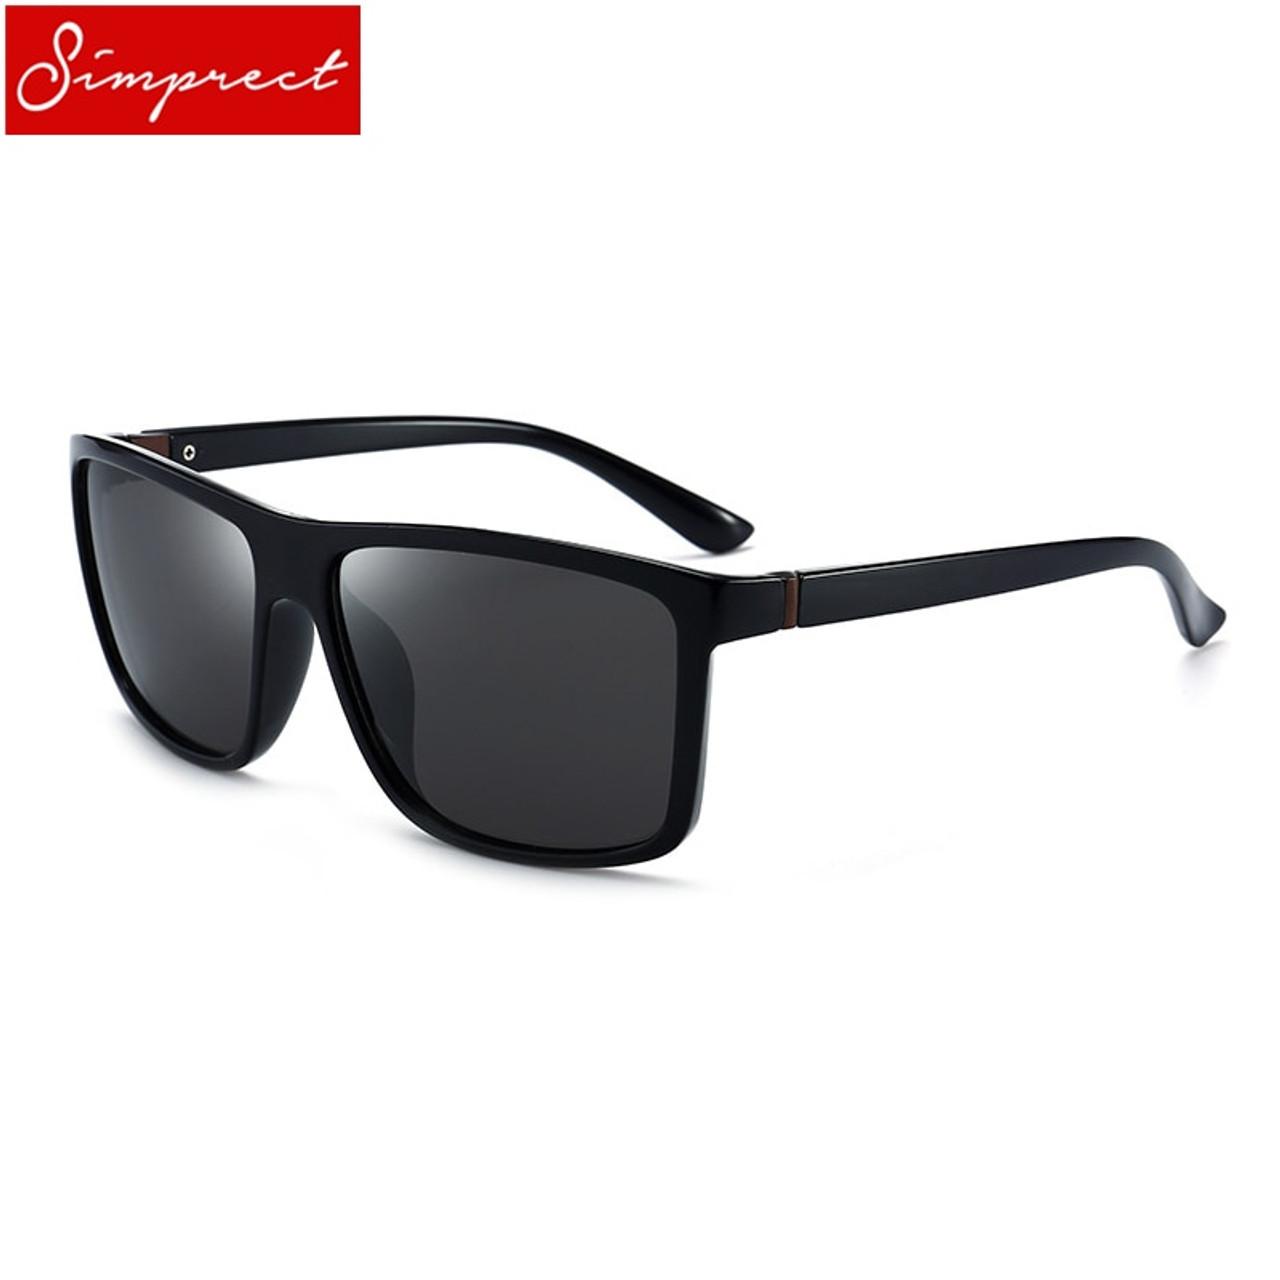 93c6f4380b519e ... SIMPRECT 2019 Square Polarized Sunglasses Men UV400 High Quality Driving  Mirror Sun Glasses Vintage Lunette De ...